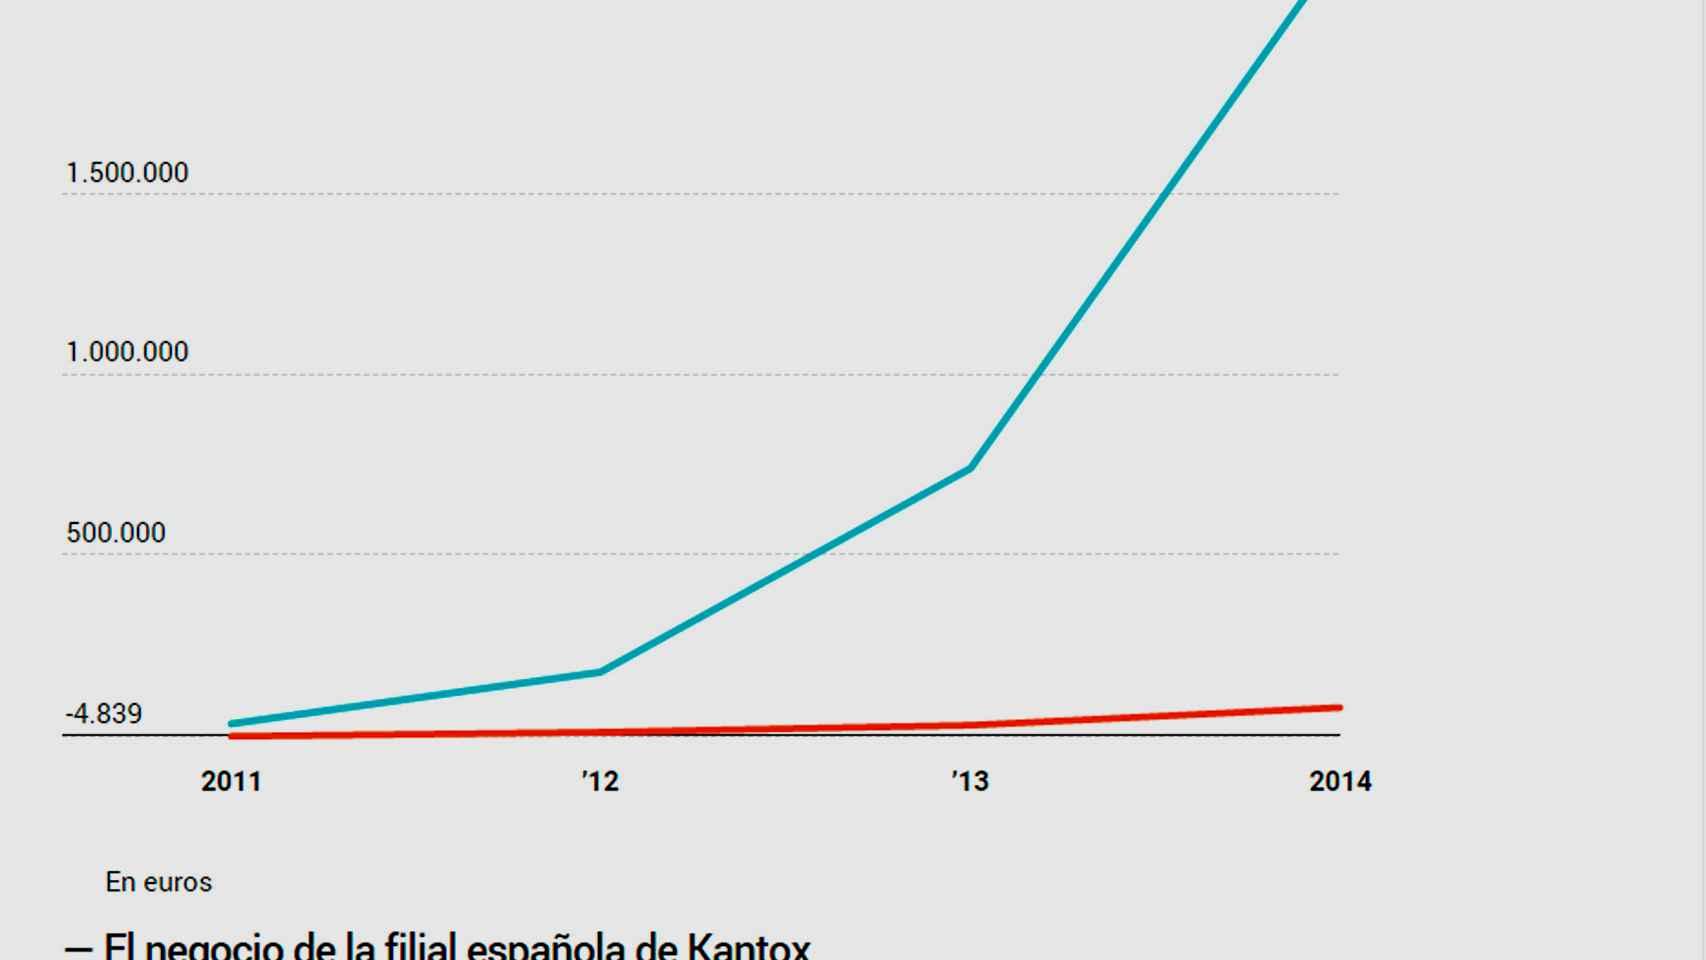 Evolución del gráfico de la filial española de Kantox.